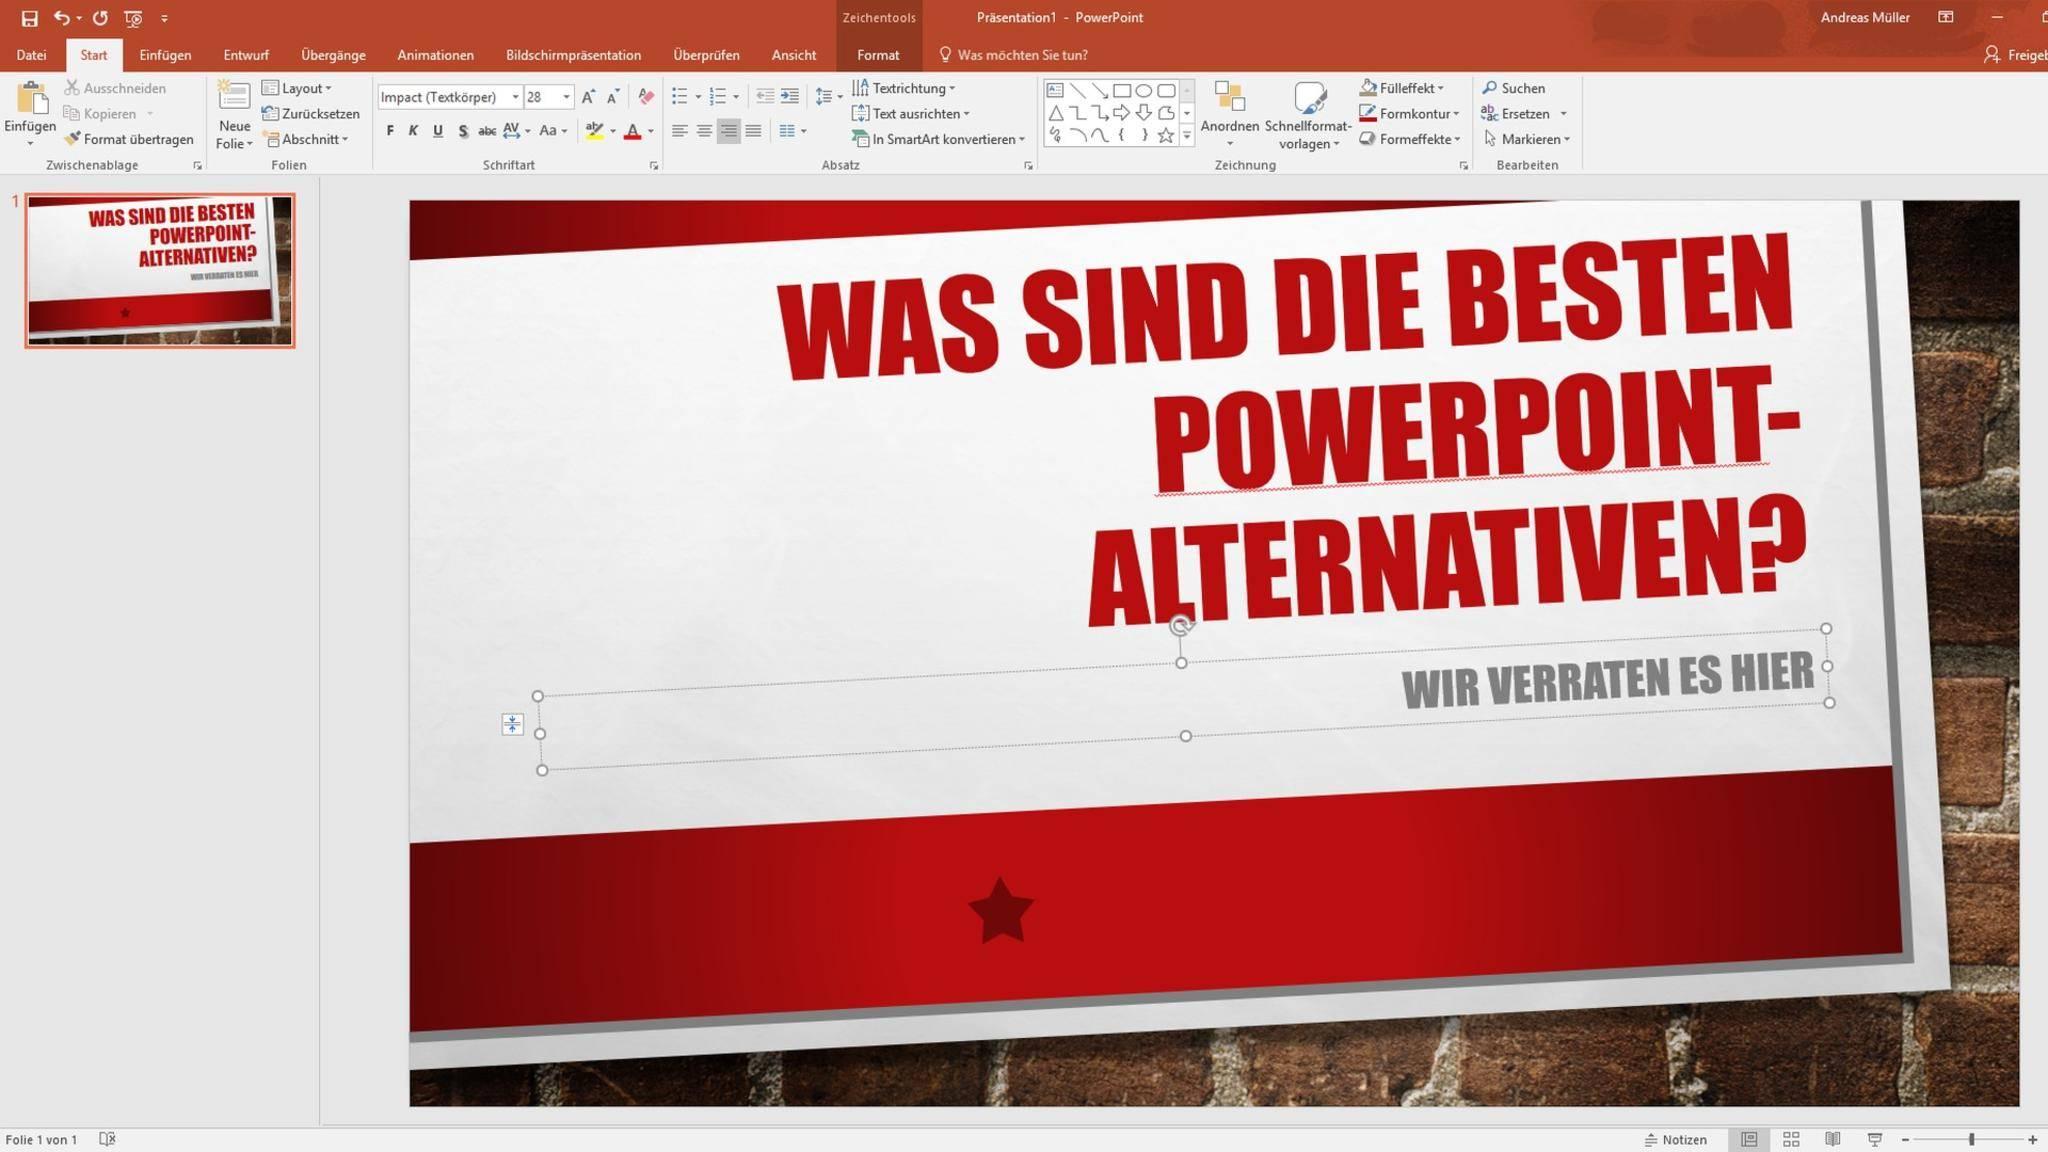 Impress aus dem Open Office-Paket ist eine gute PowerPoint-Alternative.